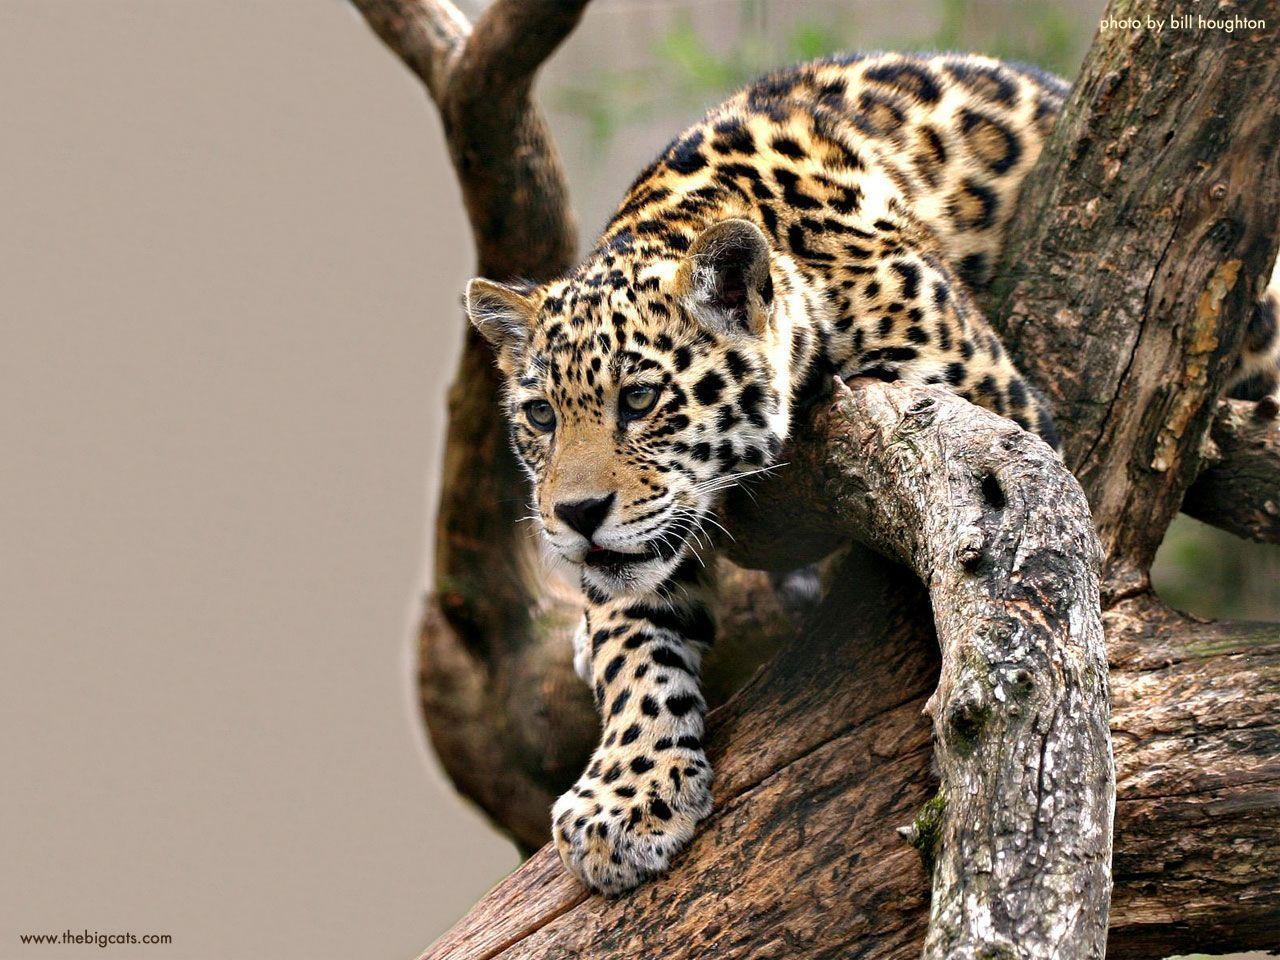 baby cute jaguar wallpaper - photo #24